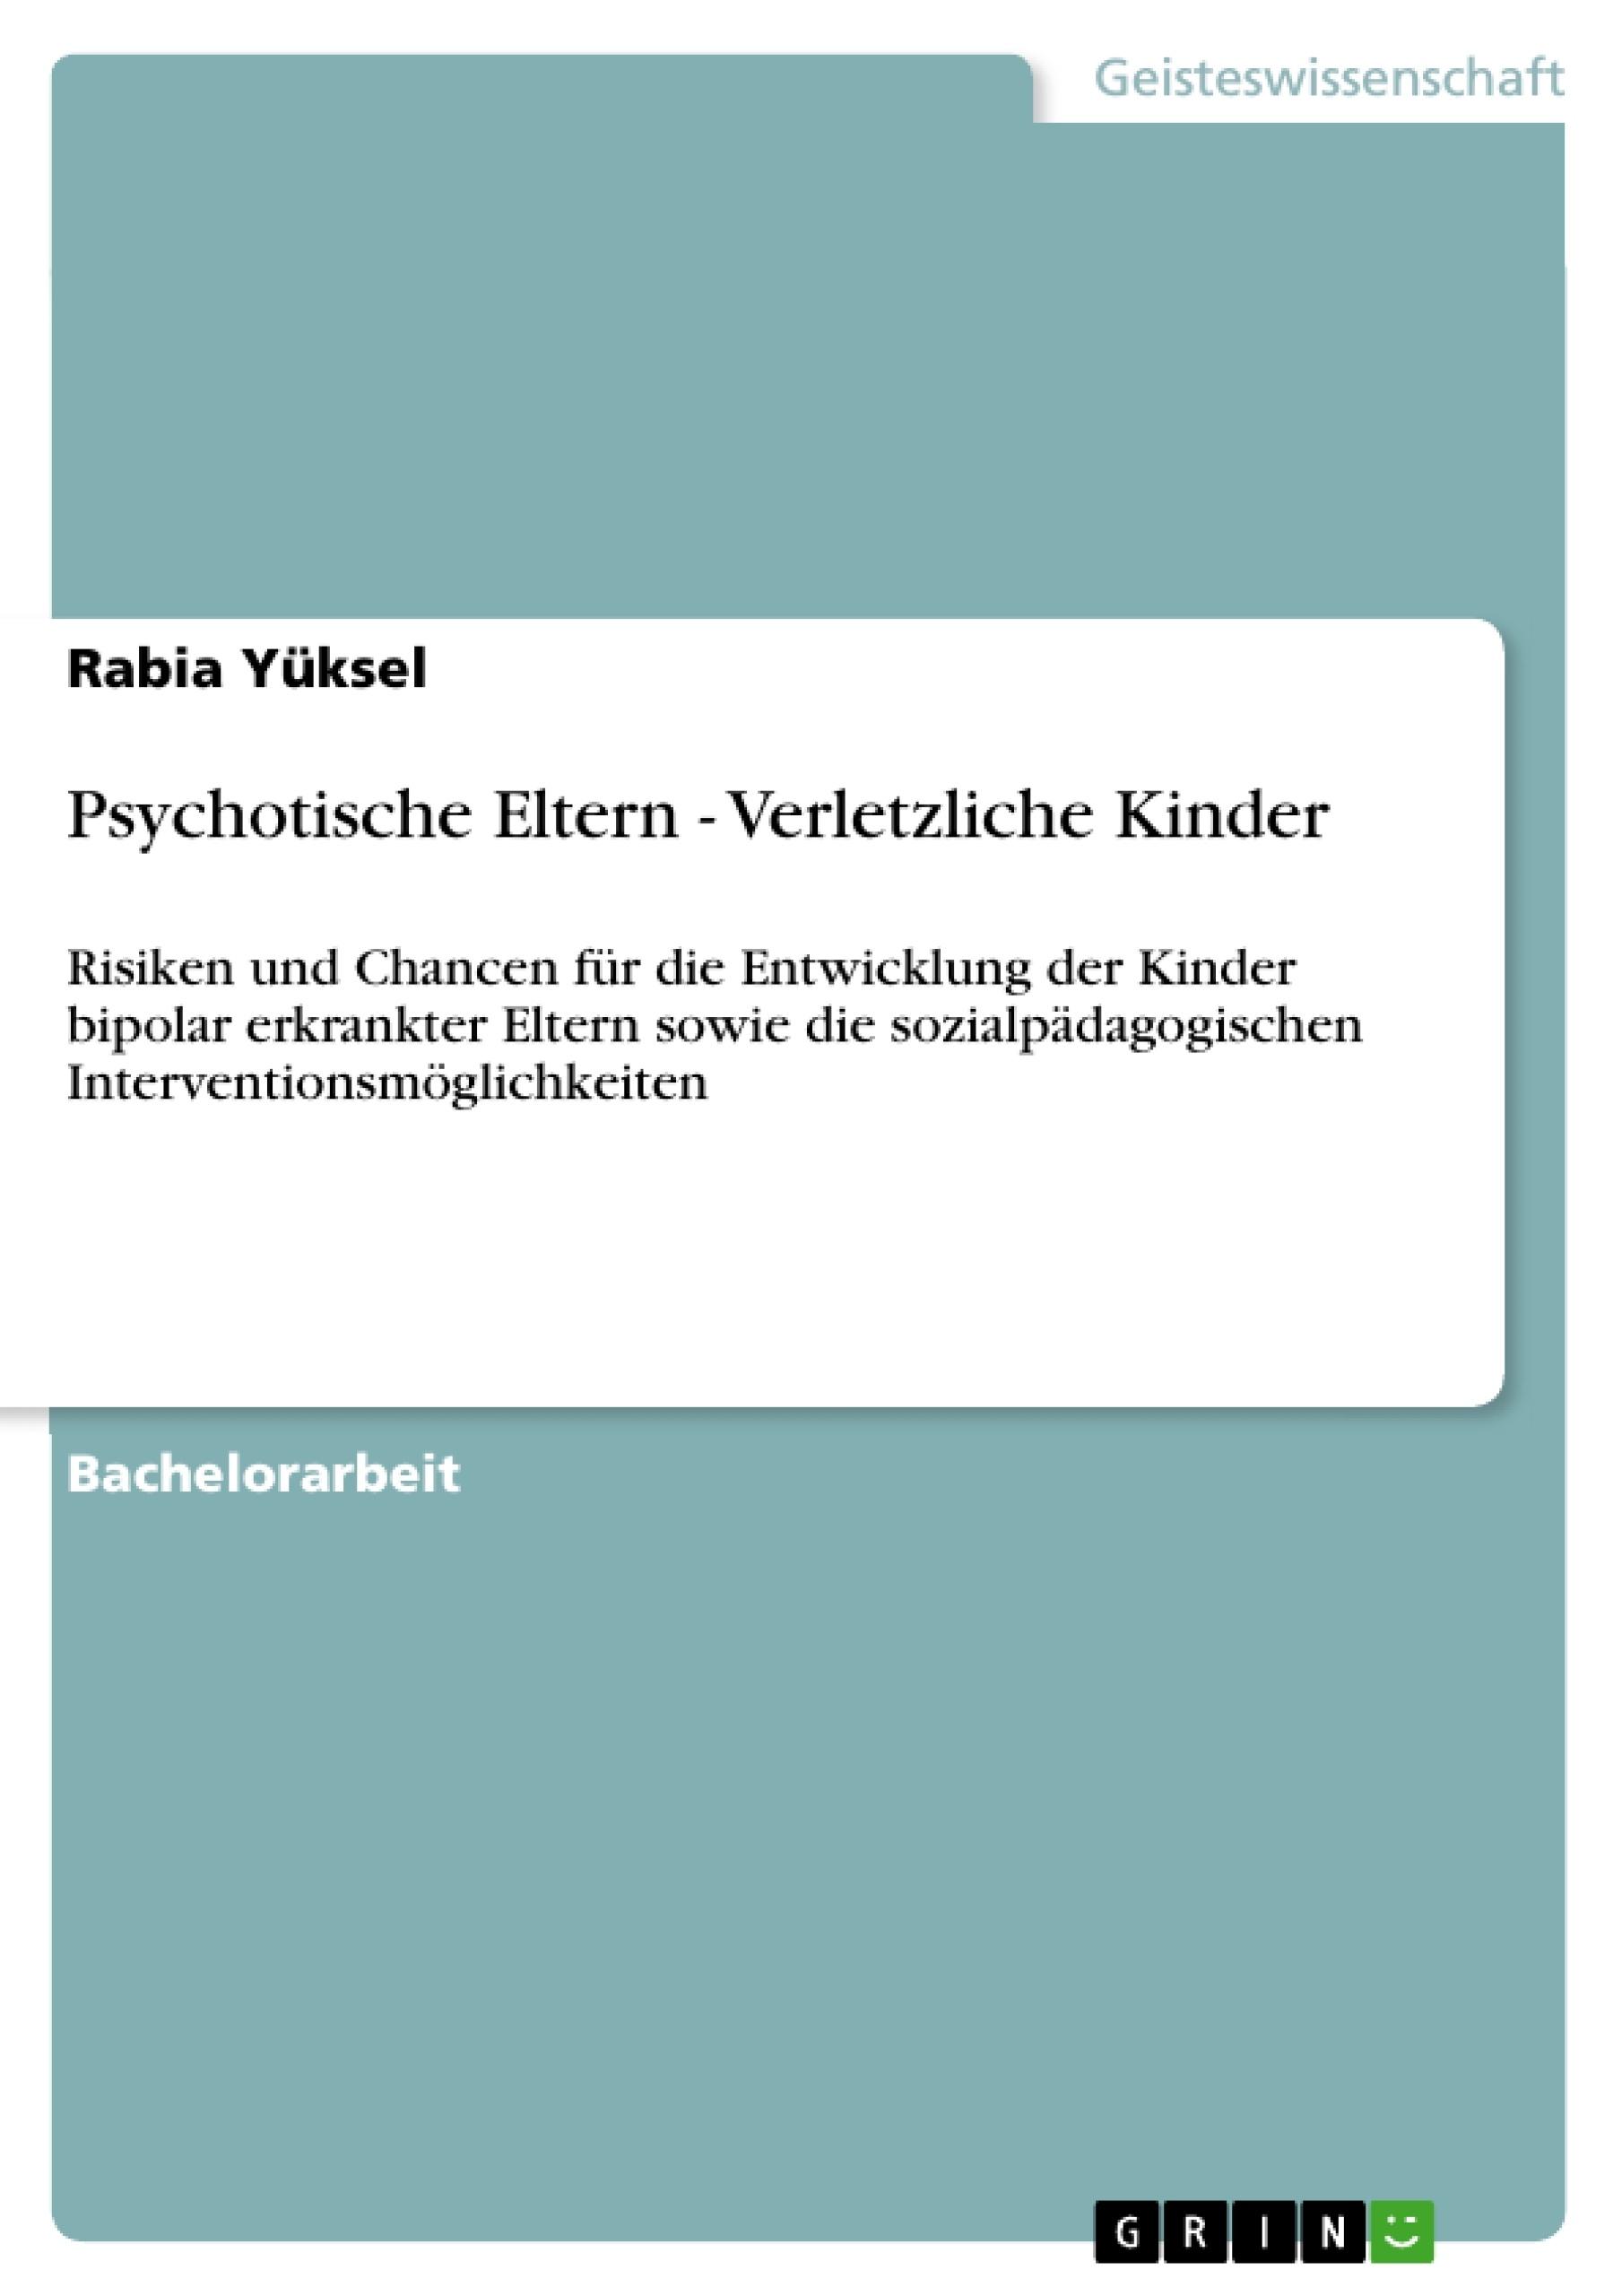 Titel: Psychotische Eltern - Verletzliche Kinder